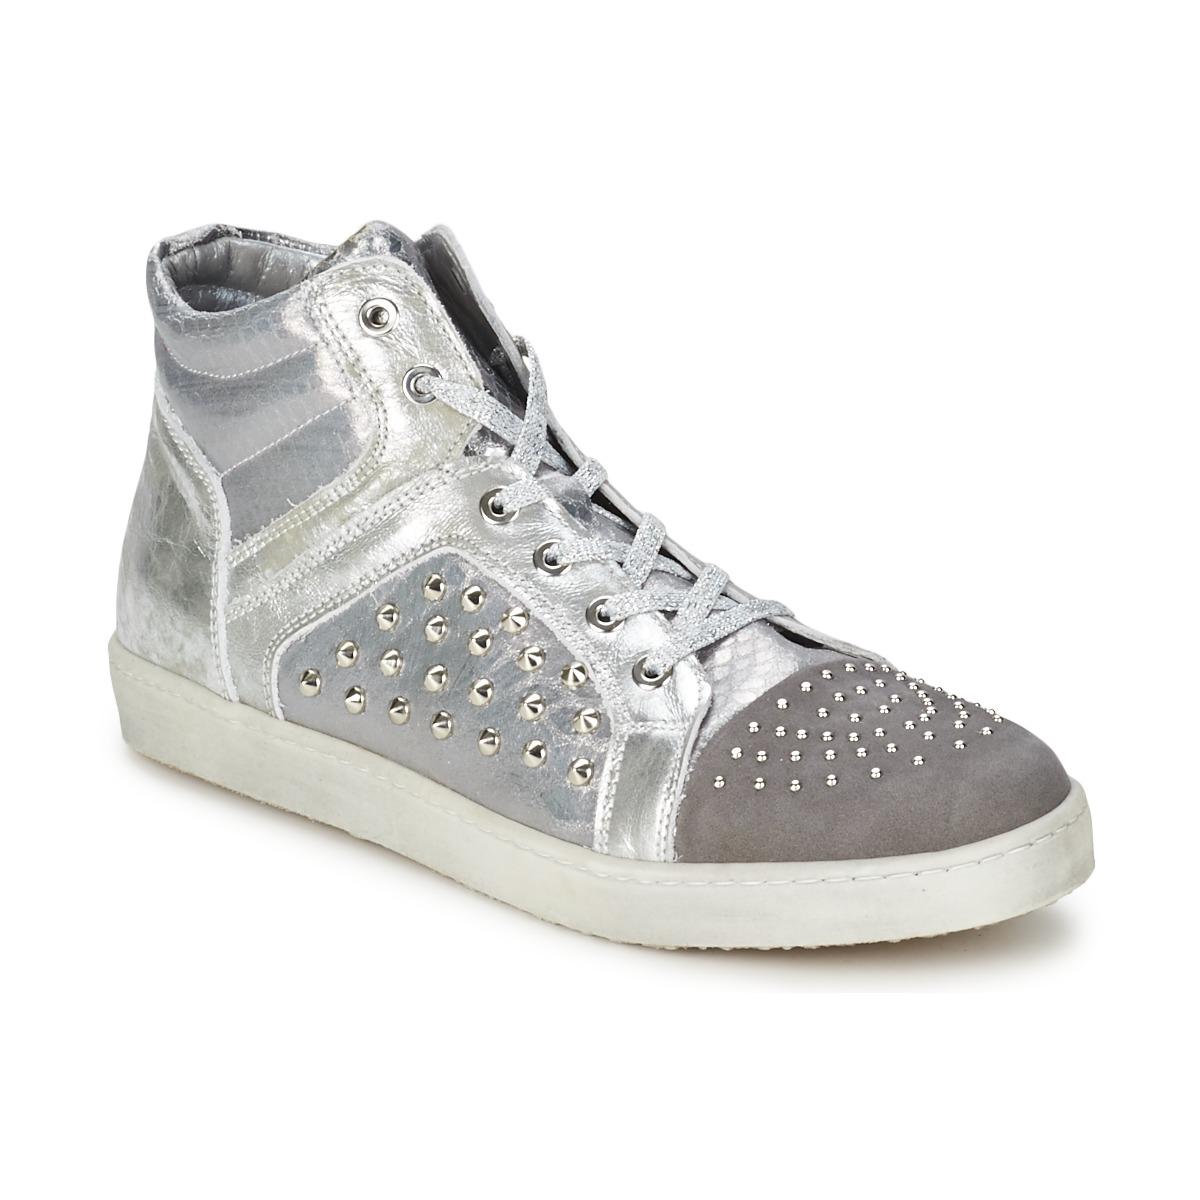 Hip 90CR Silber-krokodil - Kostenloser Versand bei Spartoode ! - Schuhe Sneaker High Damen 65,00 €